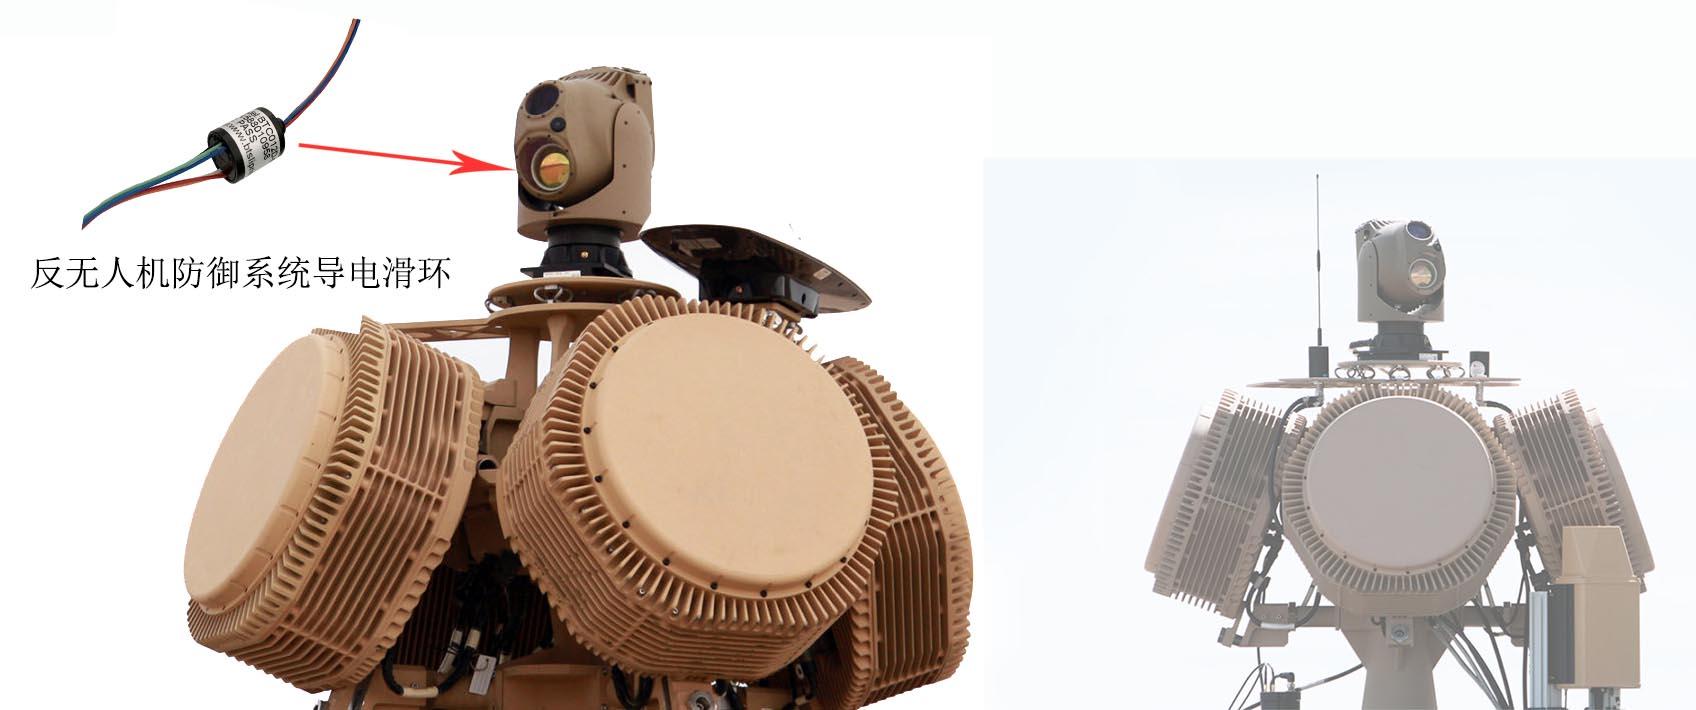 反无人机防御系统导电滑环.jpg